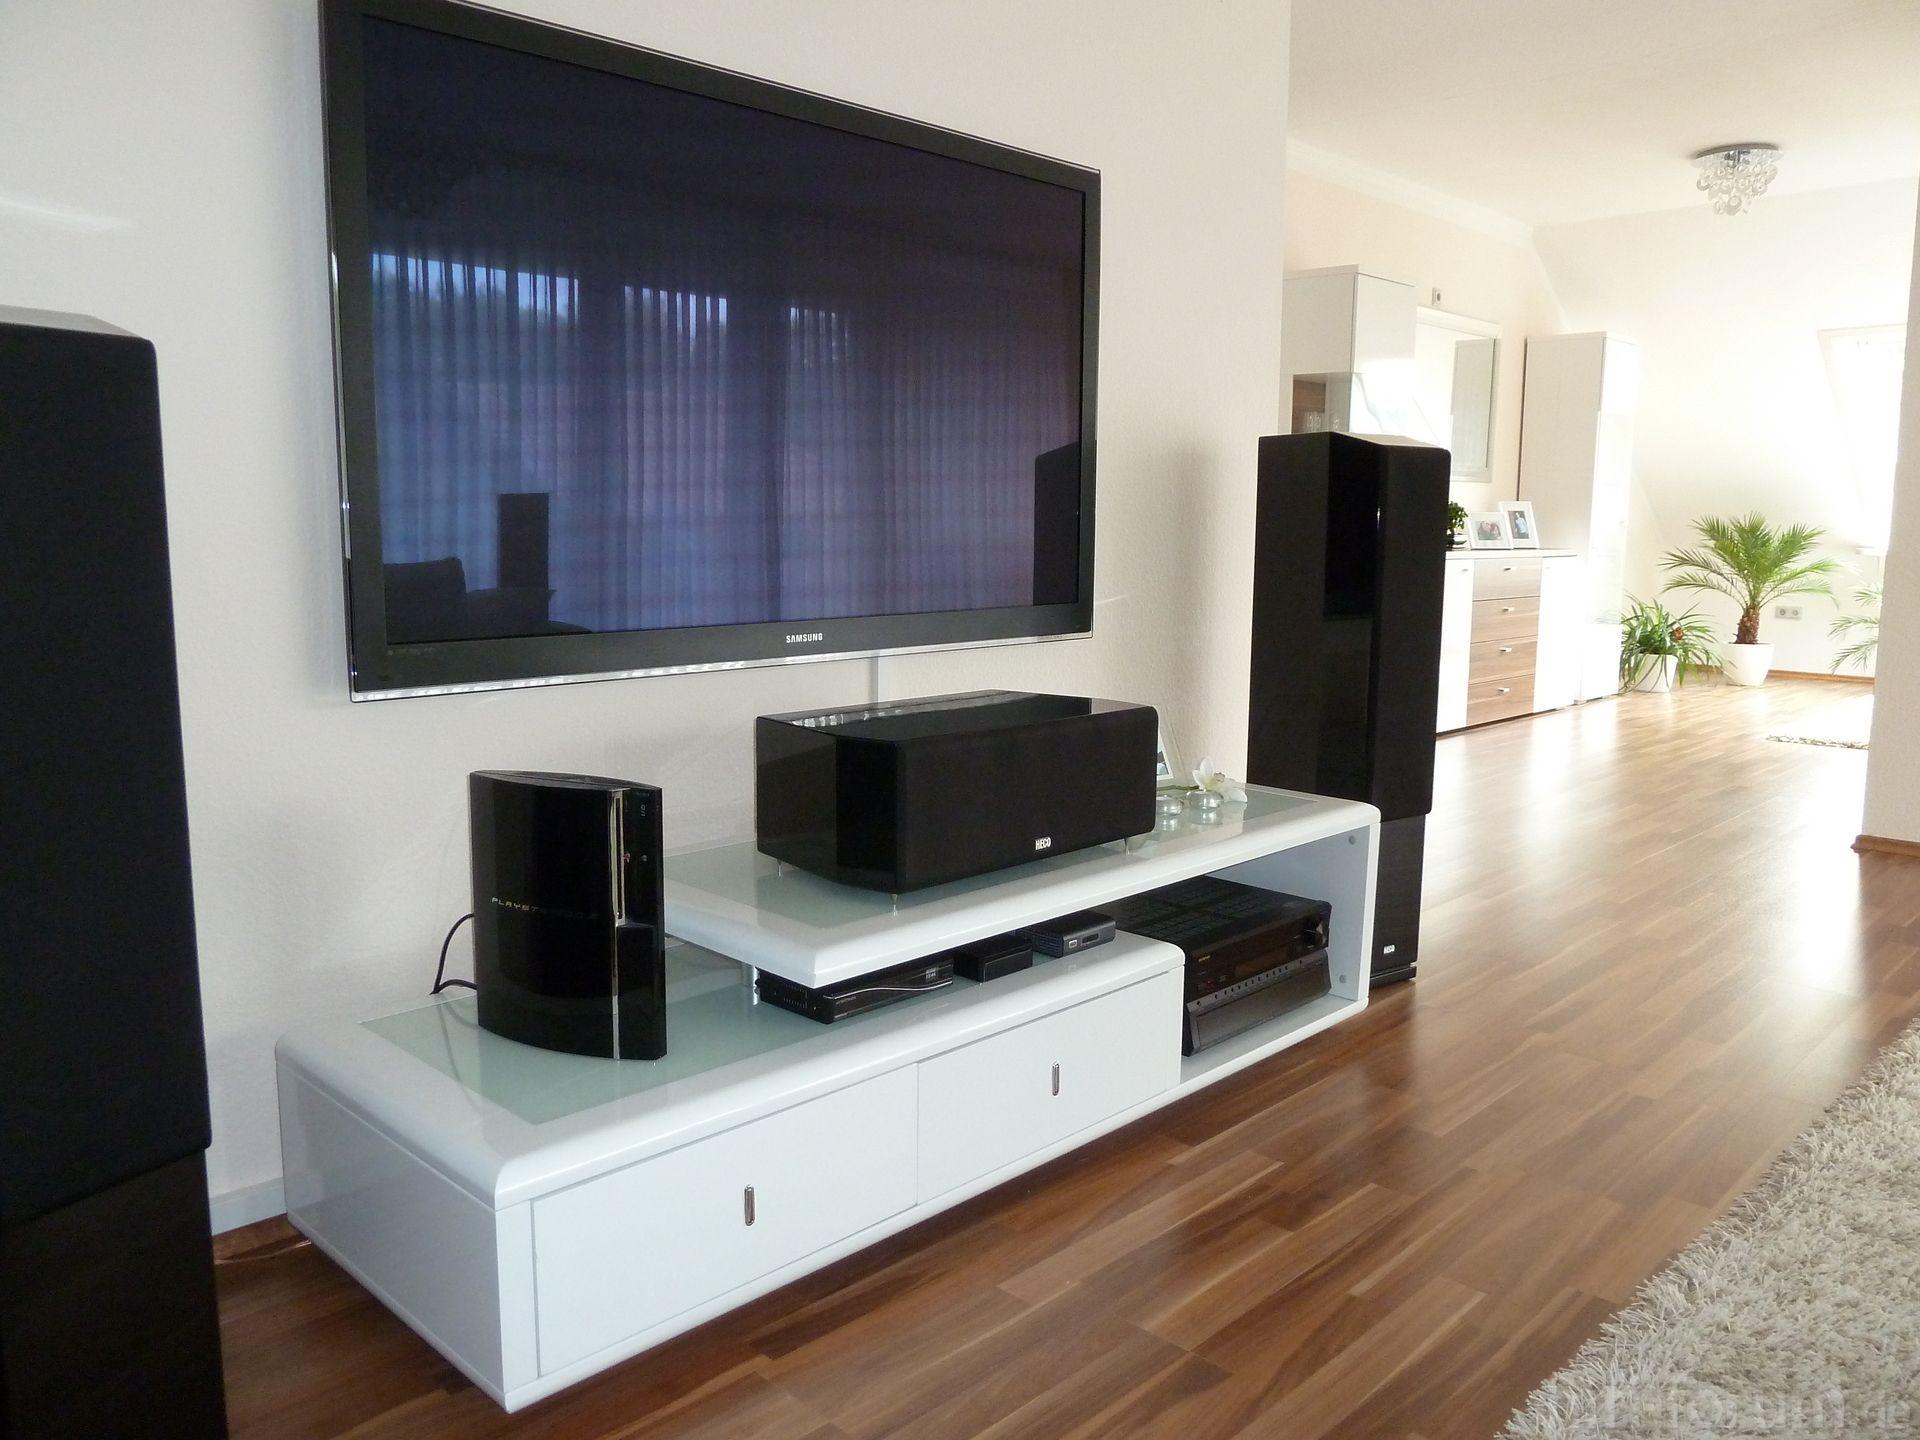 Kleines Wohnzimmer modern einrichten Tipps und Beispiele ...